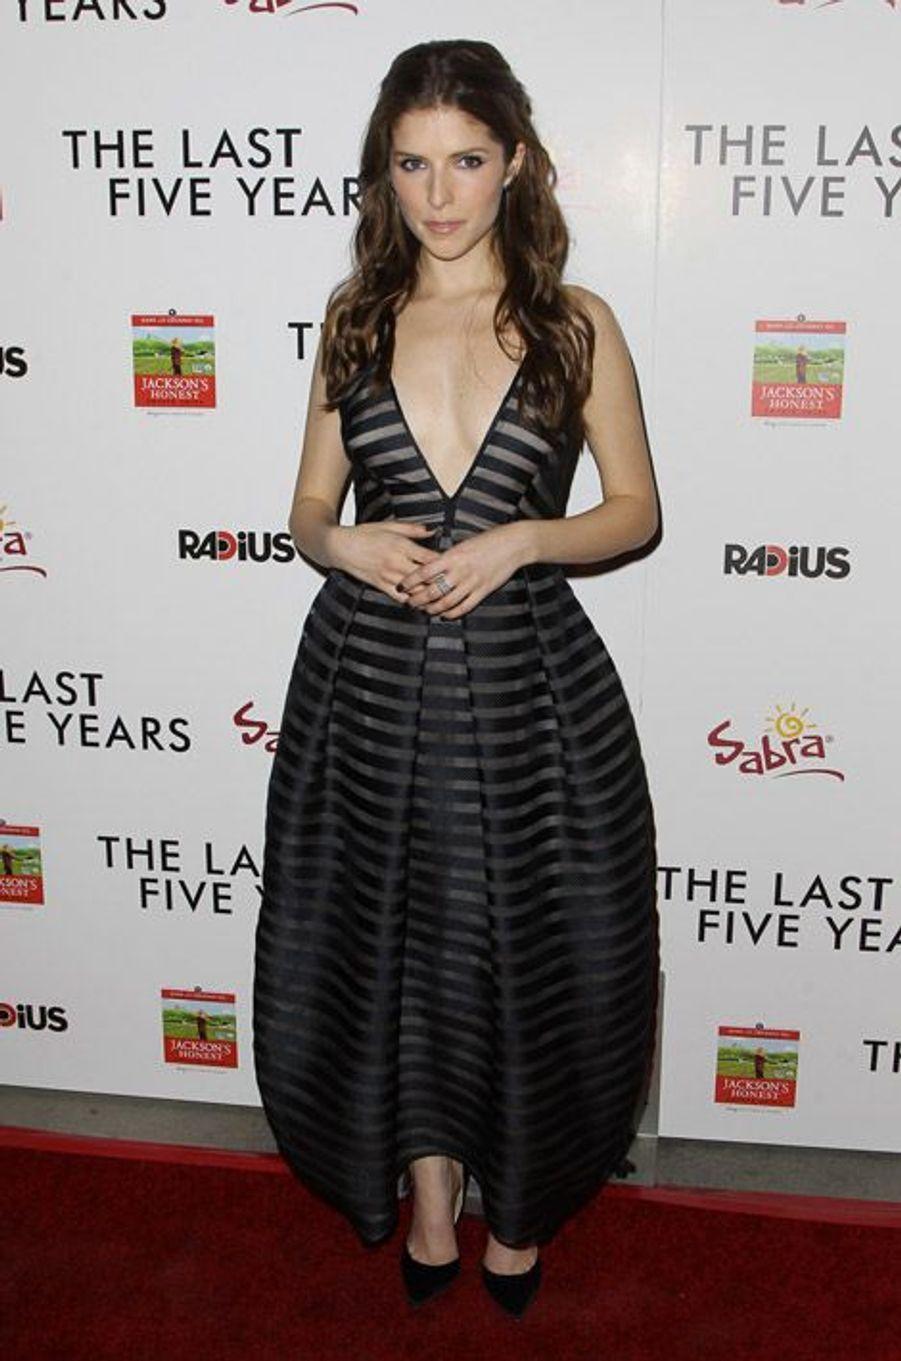 """L'actrice Anna Kendrick en Vionnet lors de la première de """"The Last Five Years"""" à Los Angeles, le 11 février 2015"""